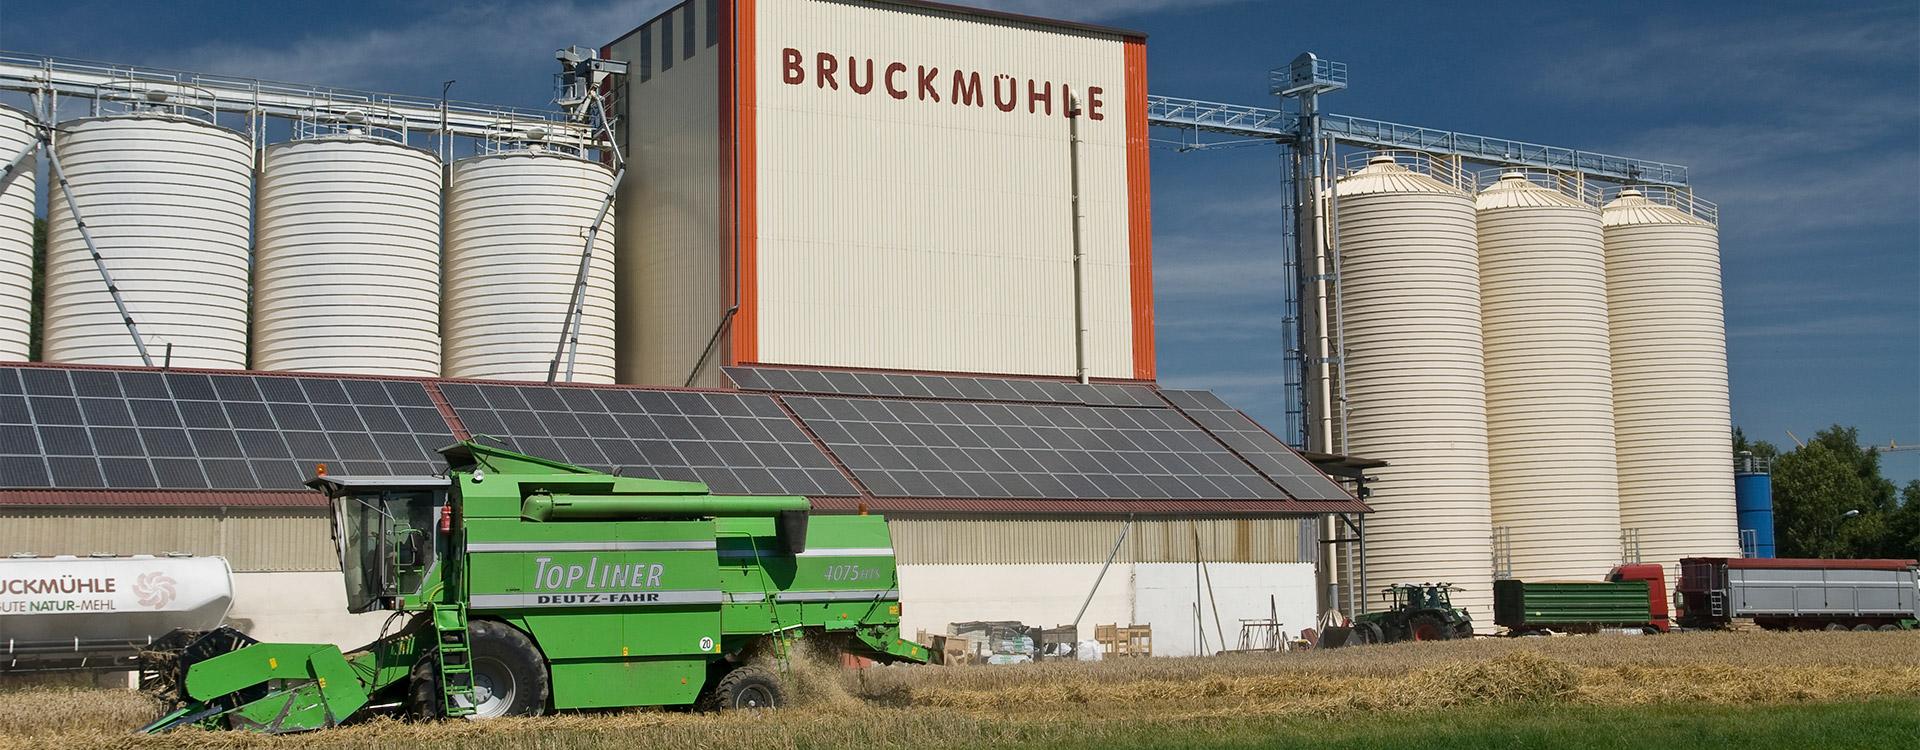 Grain Silos Agriculture - Lipp System